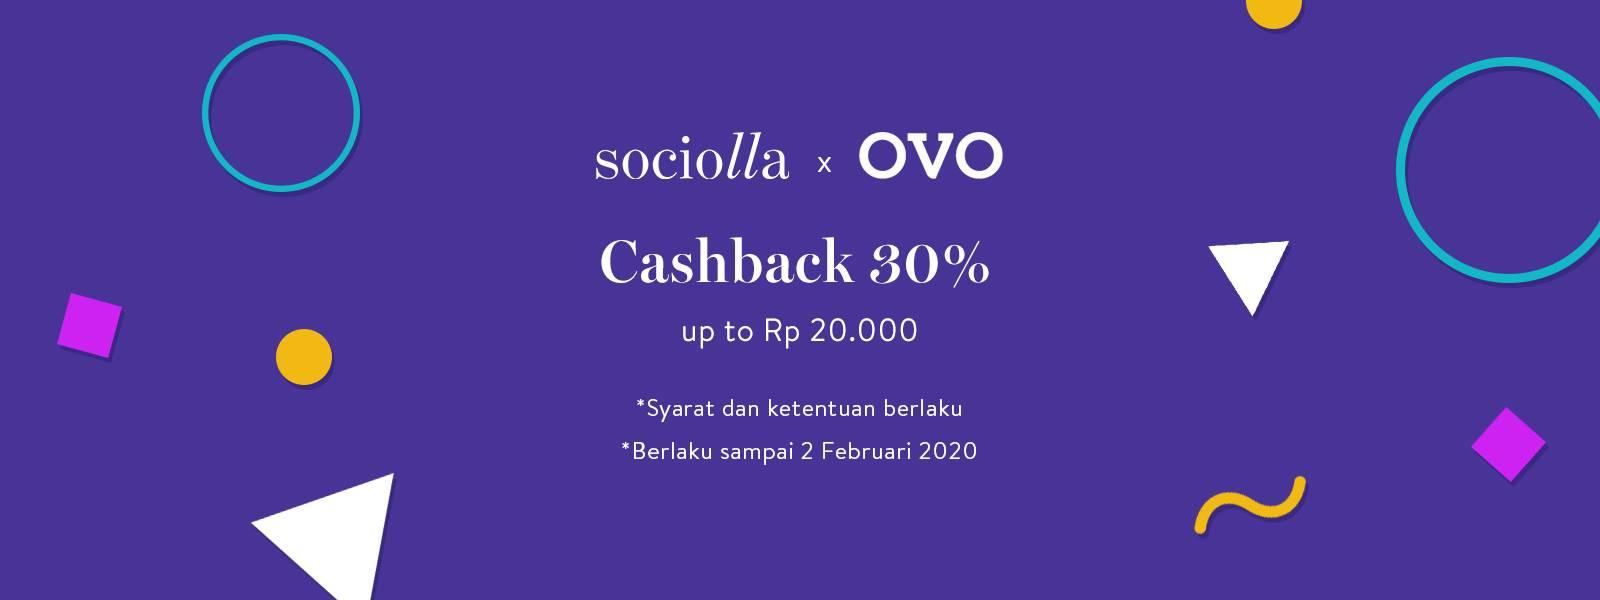 Sociolla Promo cashback 30% Up To Rp. 20.000 Menggunakan OVO